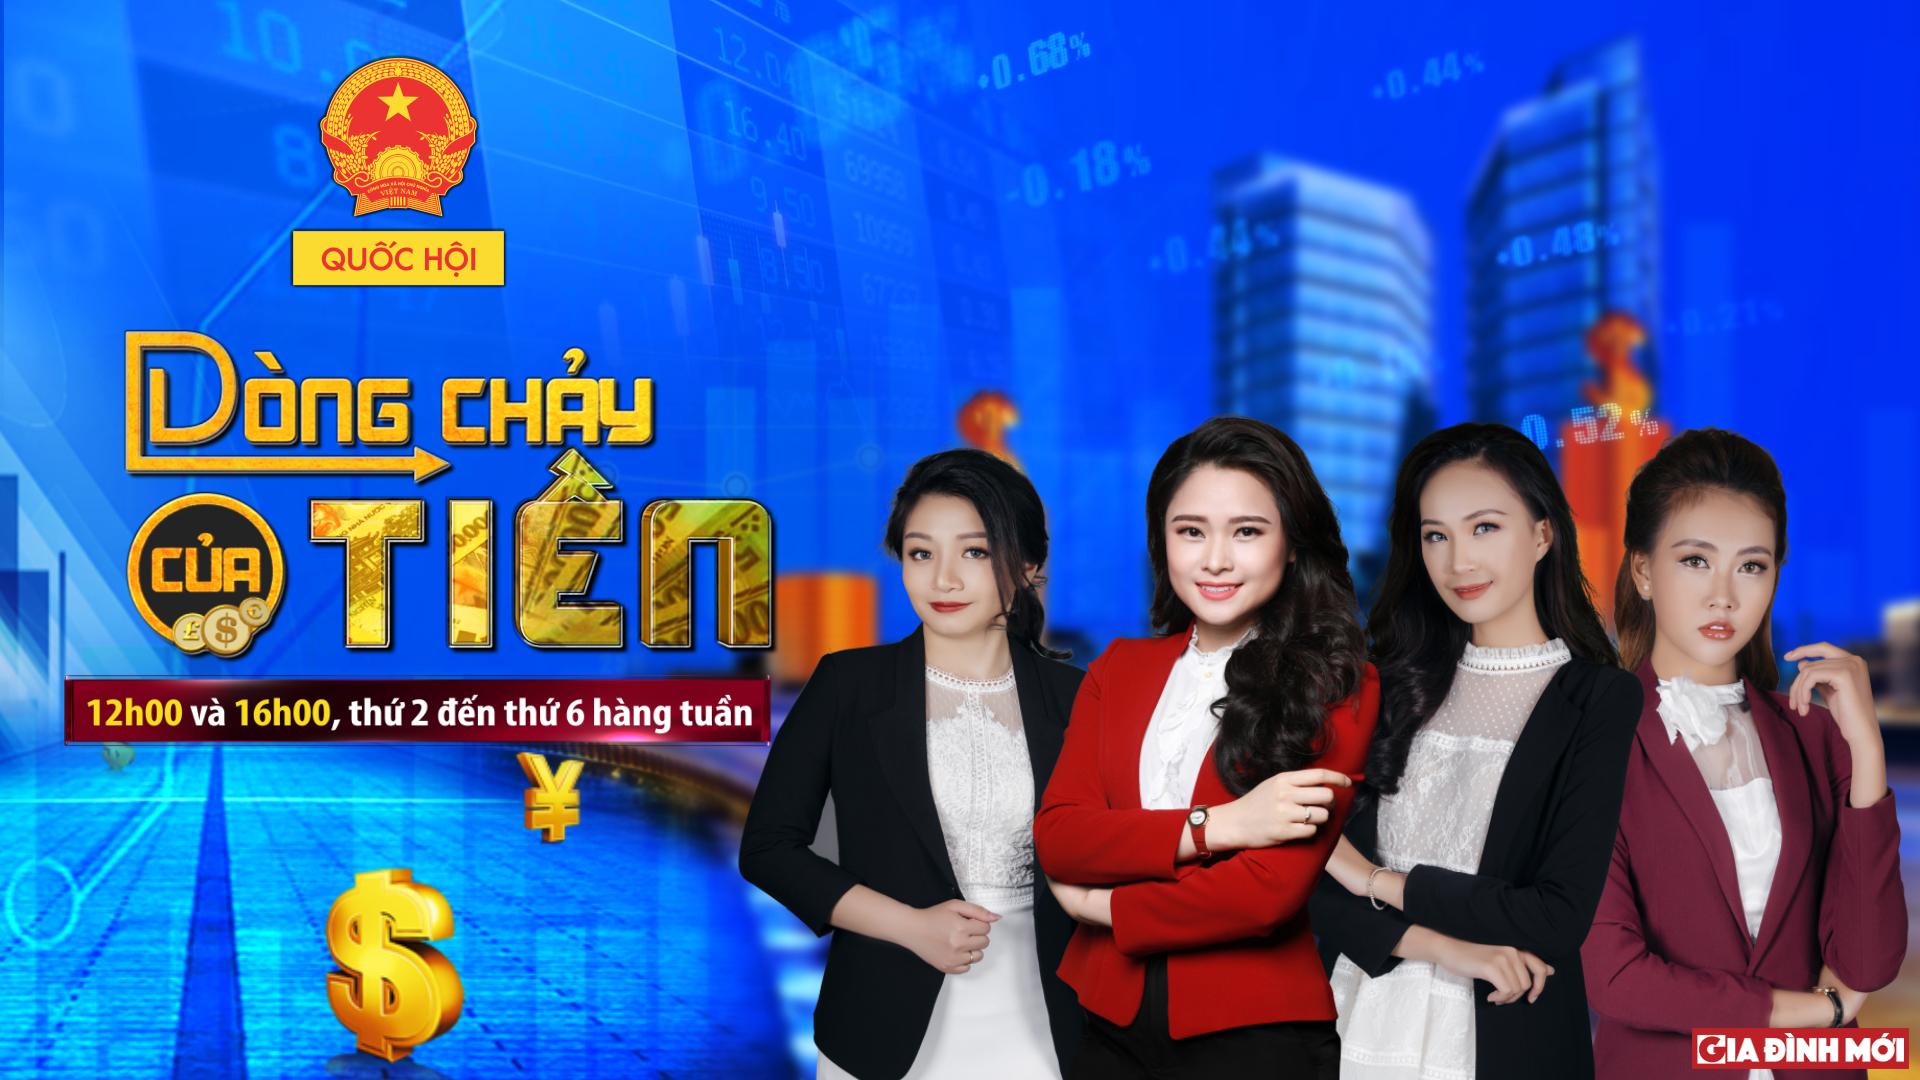 BTV Khánh Ly trở lại với bản tin 'Dòng chảy của tiền'